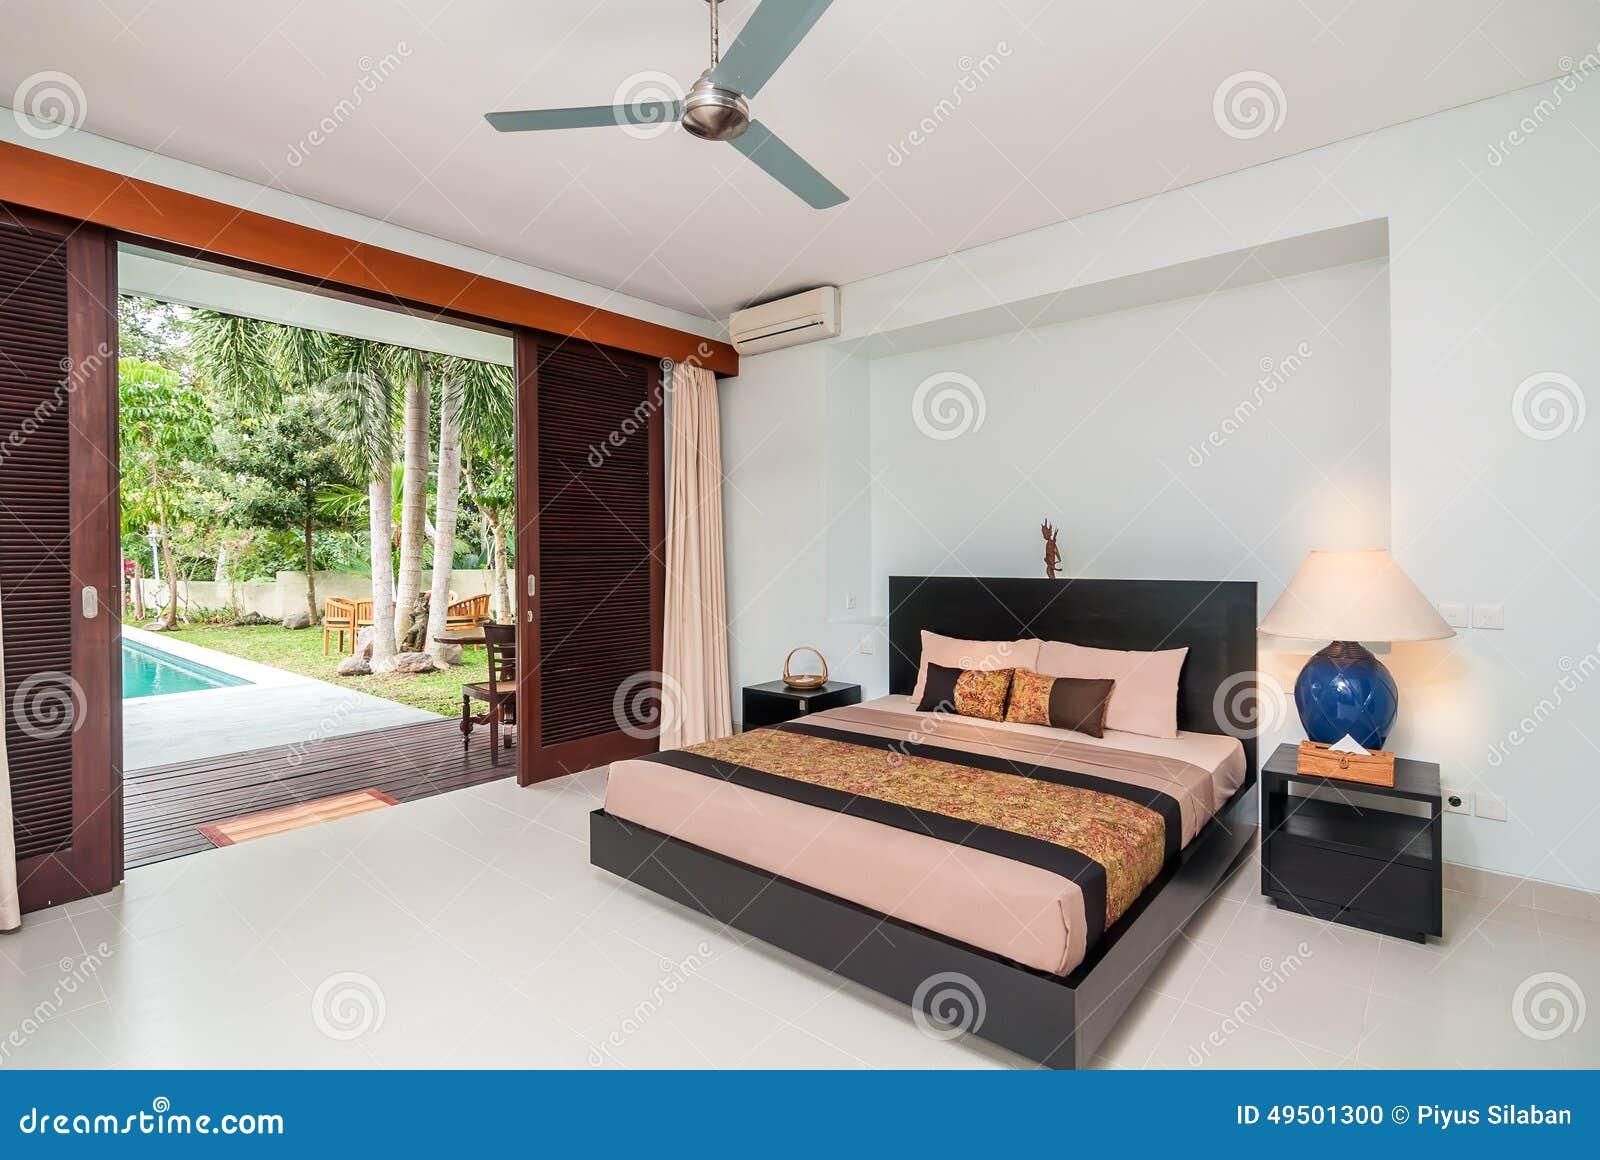 funvit   mömax schlafzimmer